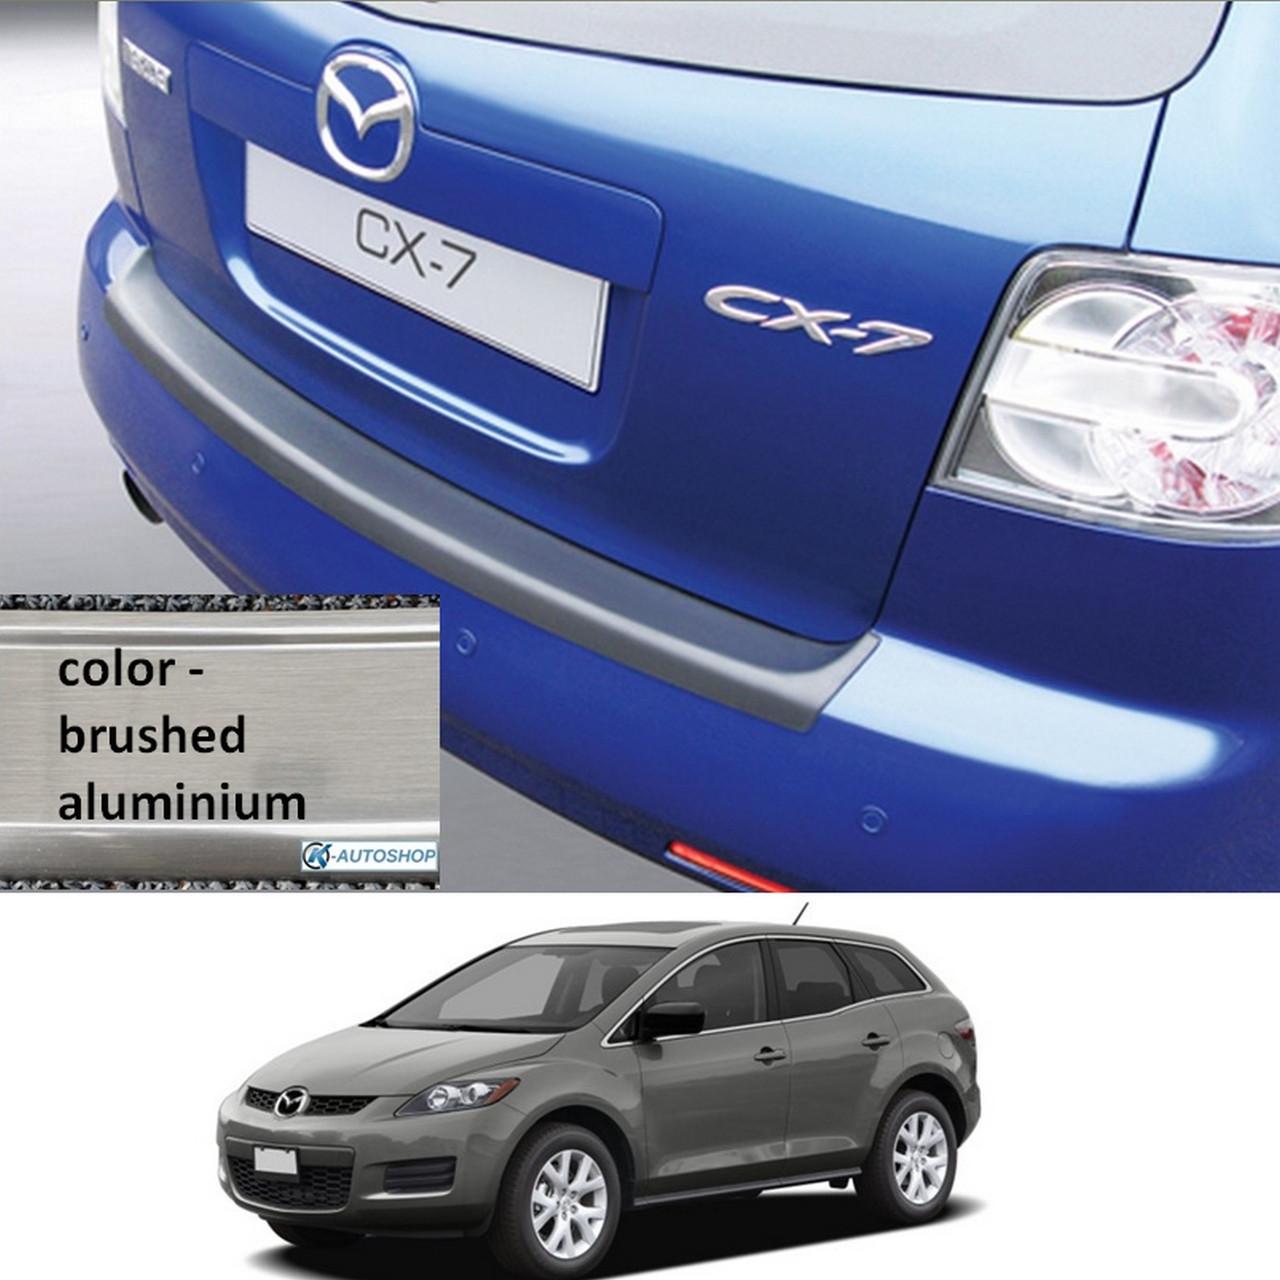 Пластикова захисна накладка на задній бампер для Mazda CX-7 2006-2009